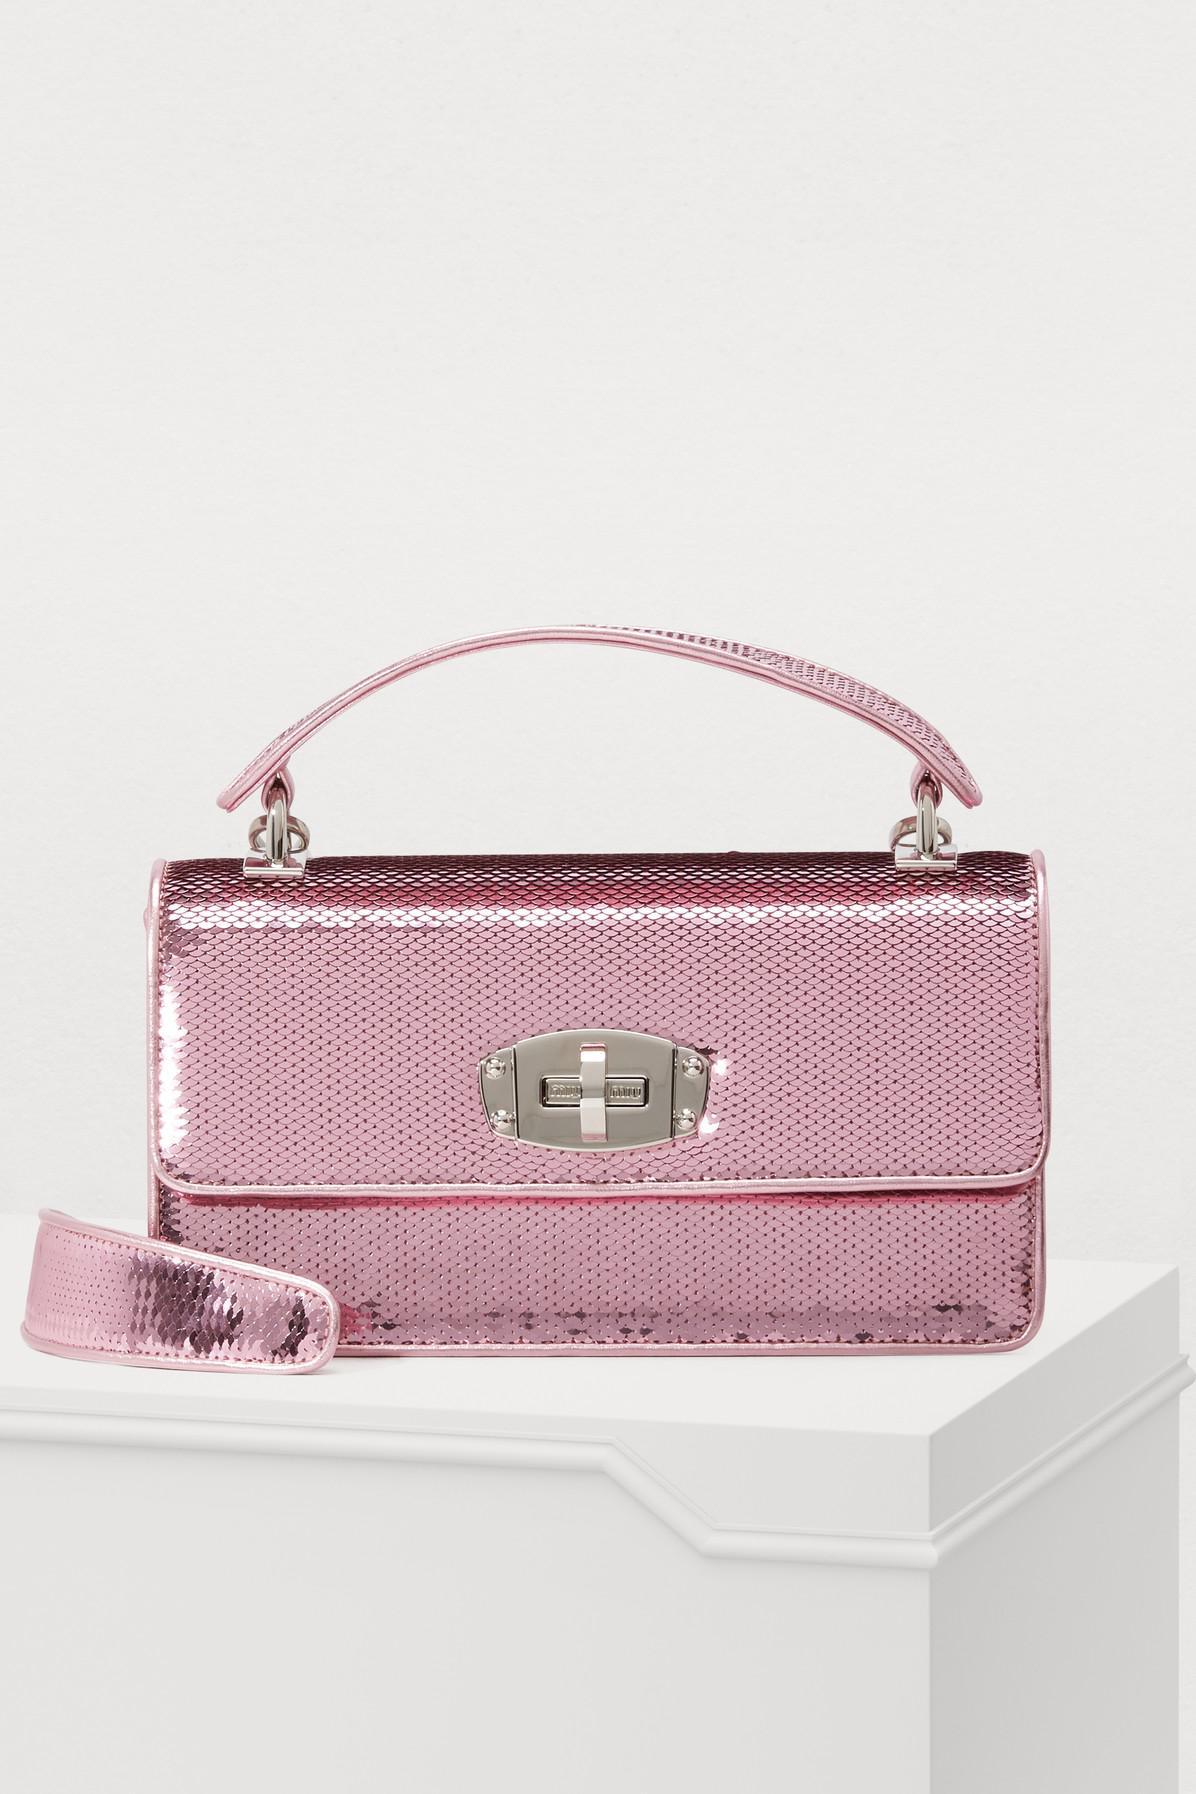 a563ab8668f2 Lyst - Miu Miu Cleo Handbag in Pink